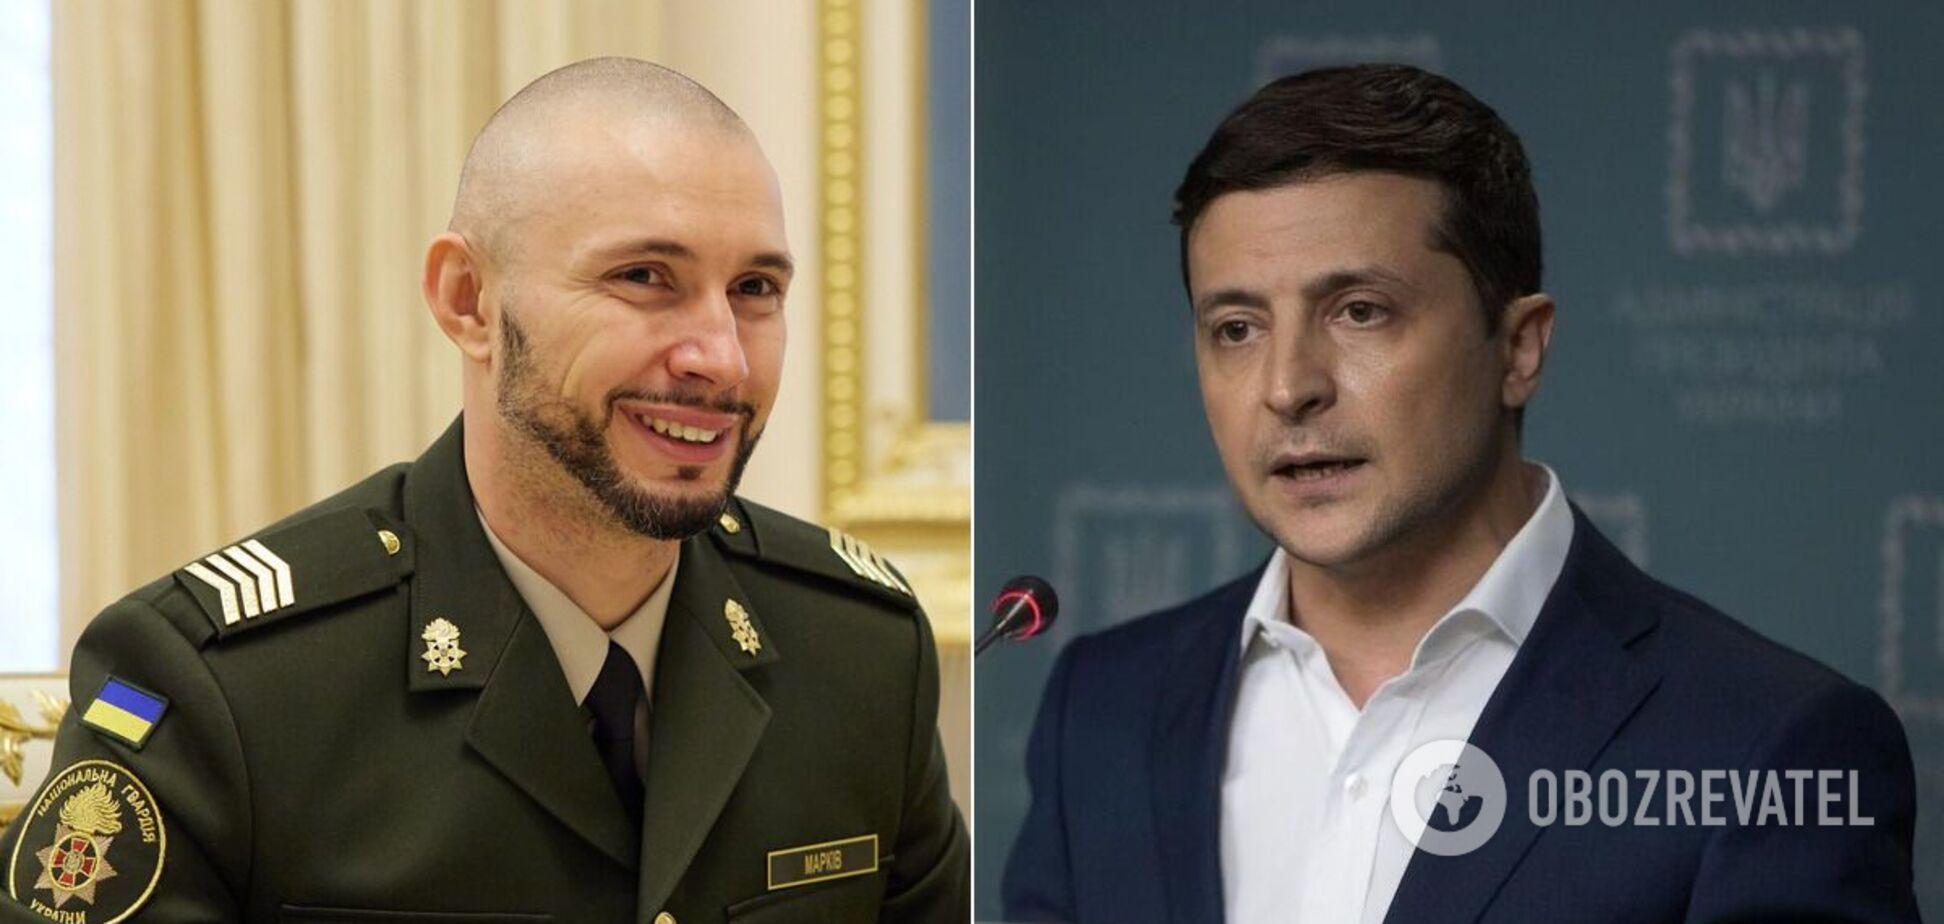 Зеленский рассказал о примере Маркива и национальной идее